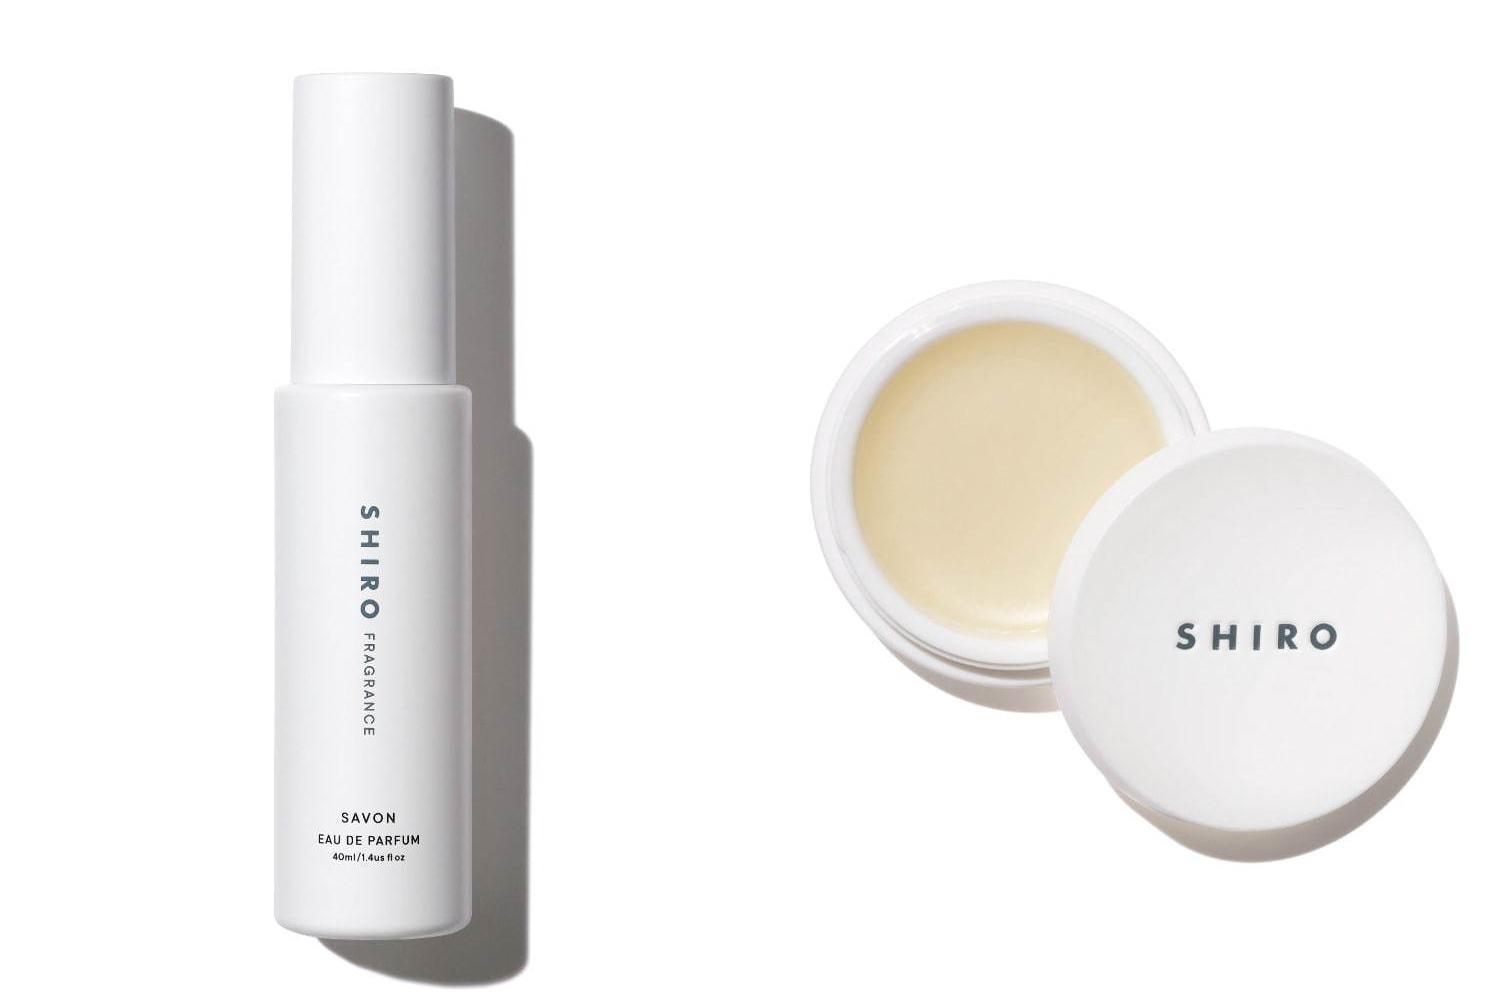 オード リリー パルファン ホワイト shiro 「shiro」の練り香水が大人気!サボンやホワイトリリーなど人気商品6選